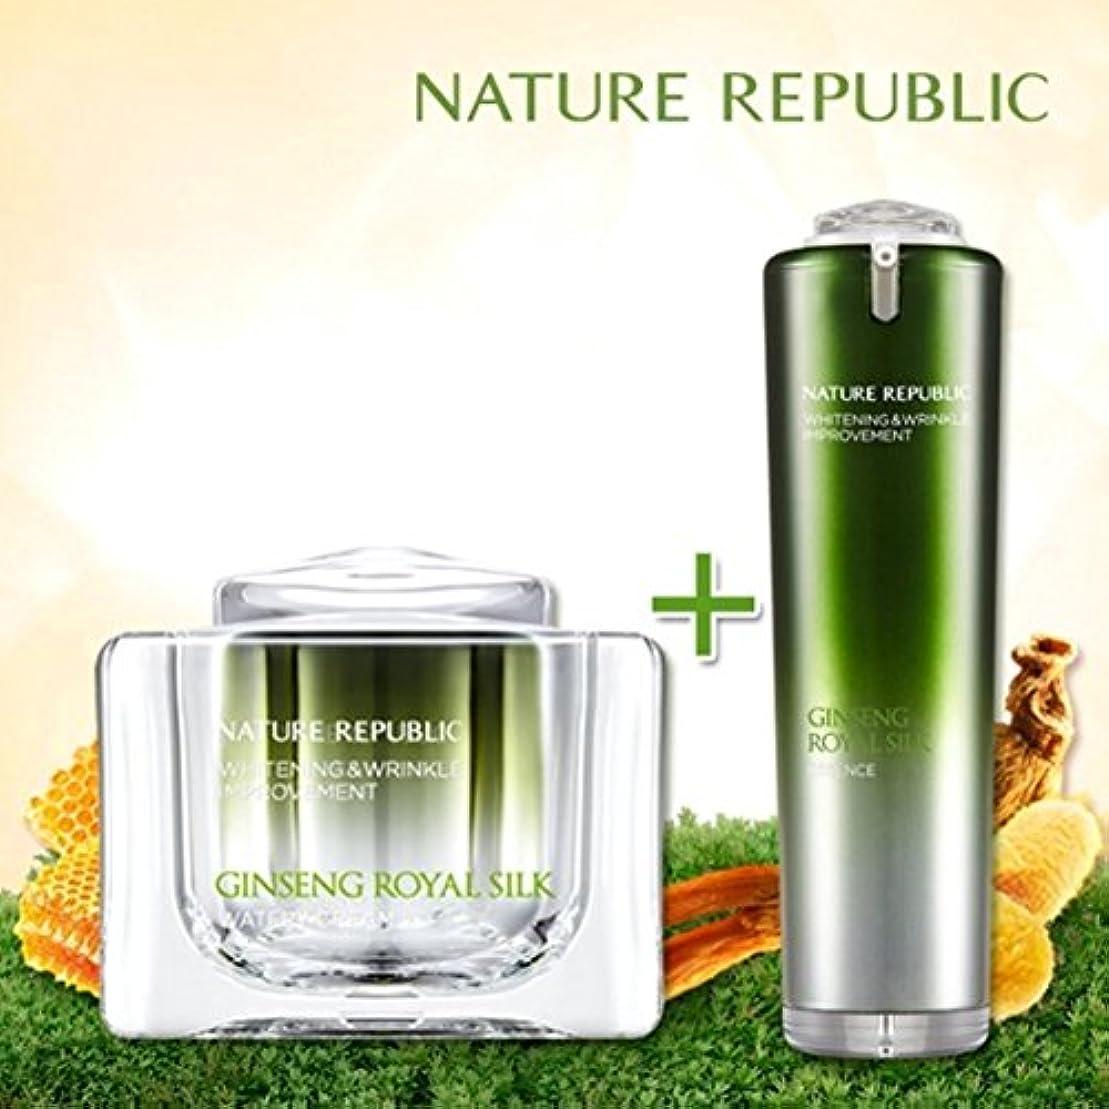 活気づく寄り添う不従順NATURE REPUBLIC/高麗人参ロイヤルシルクウォーターリークリーム+エッセンス Nature Republic、Ginseng Royal silk Watery Cream+Essence(海外直送品)